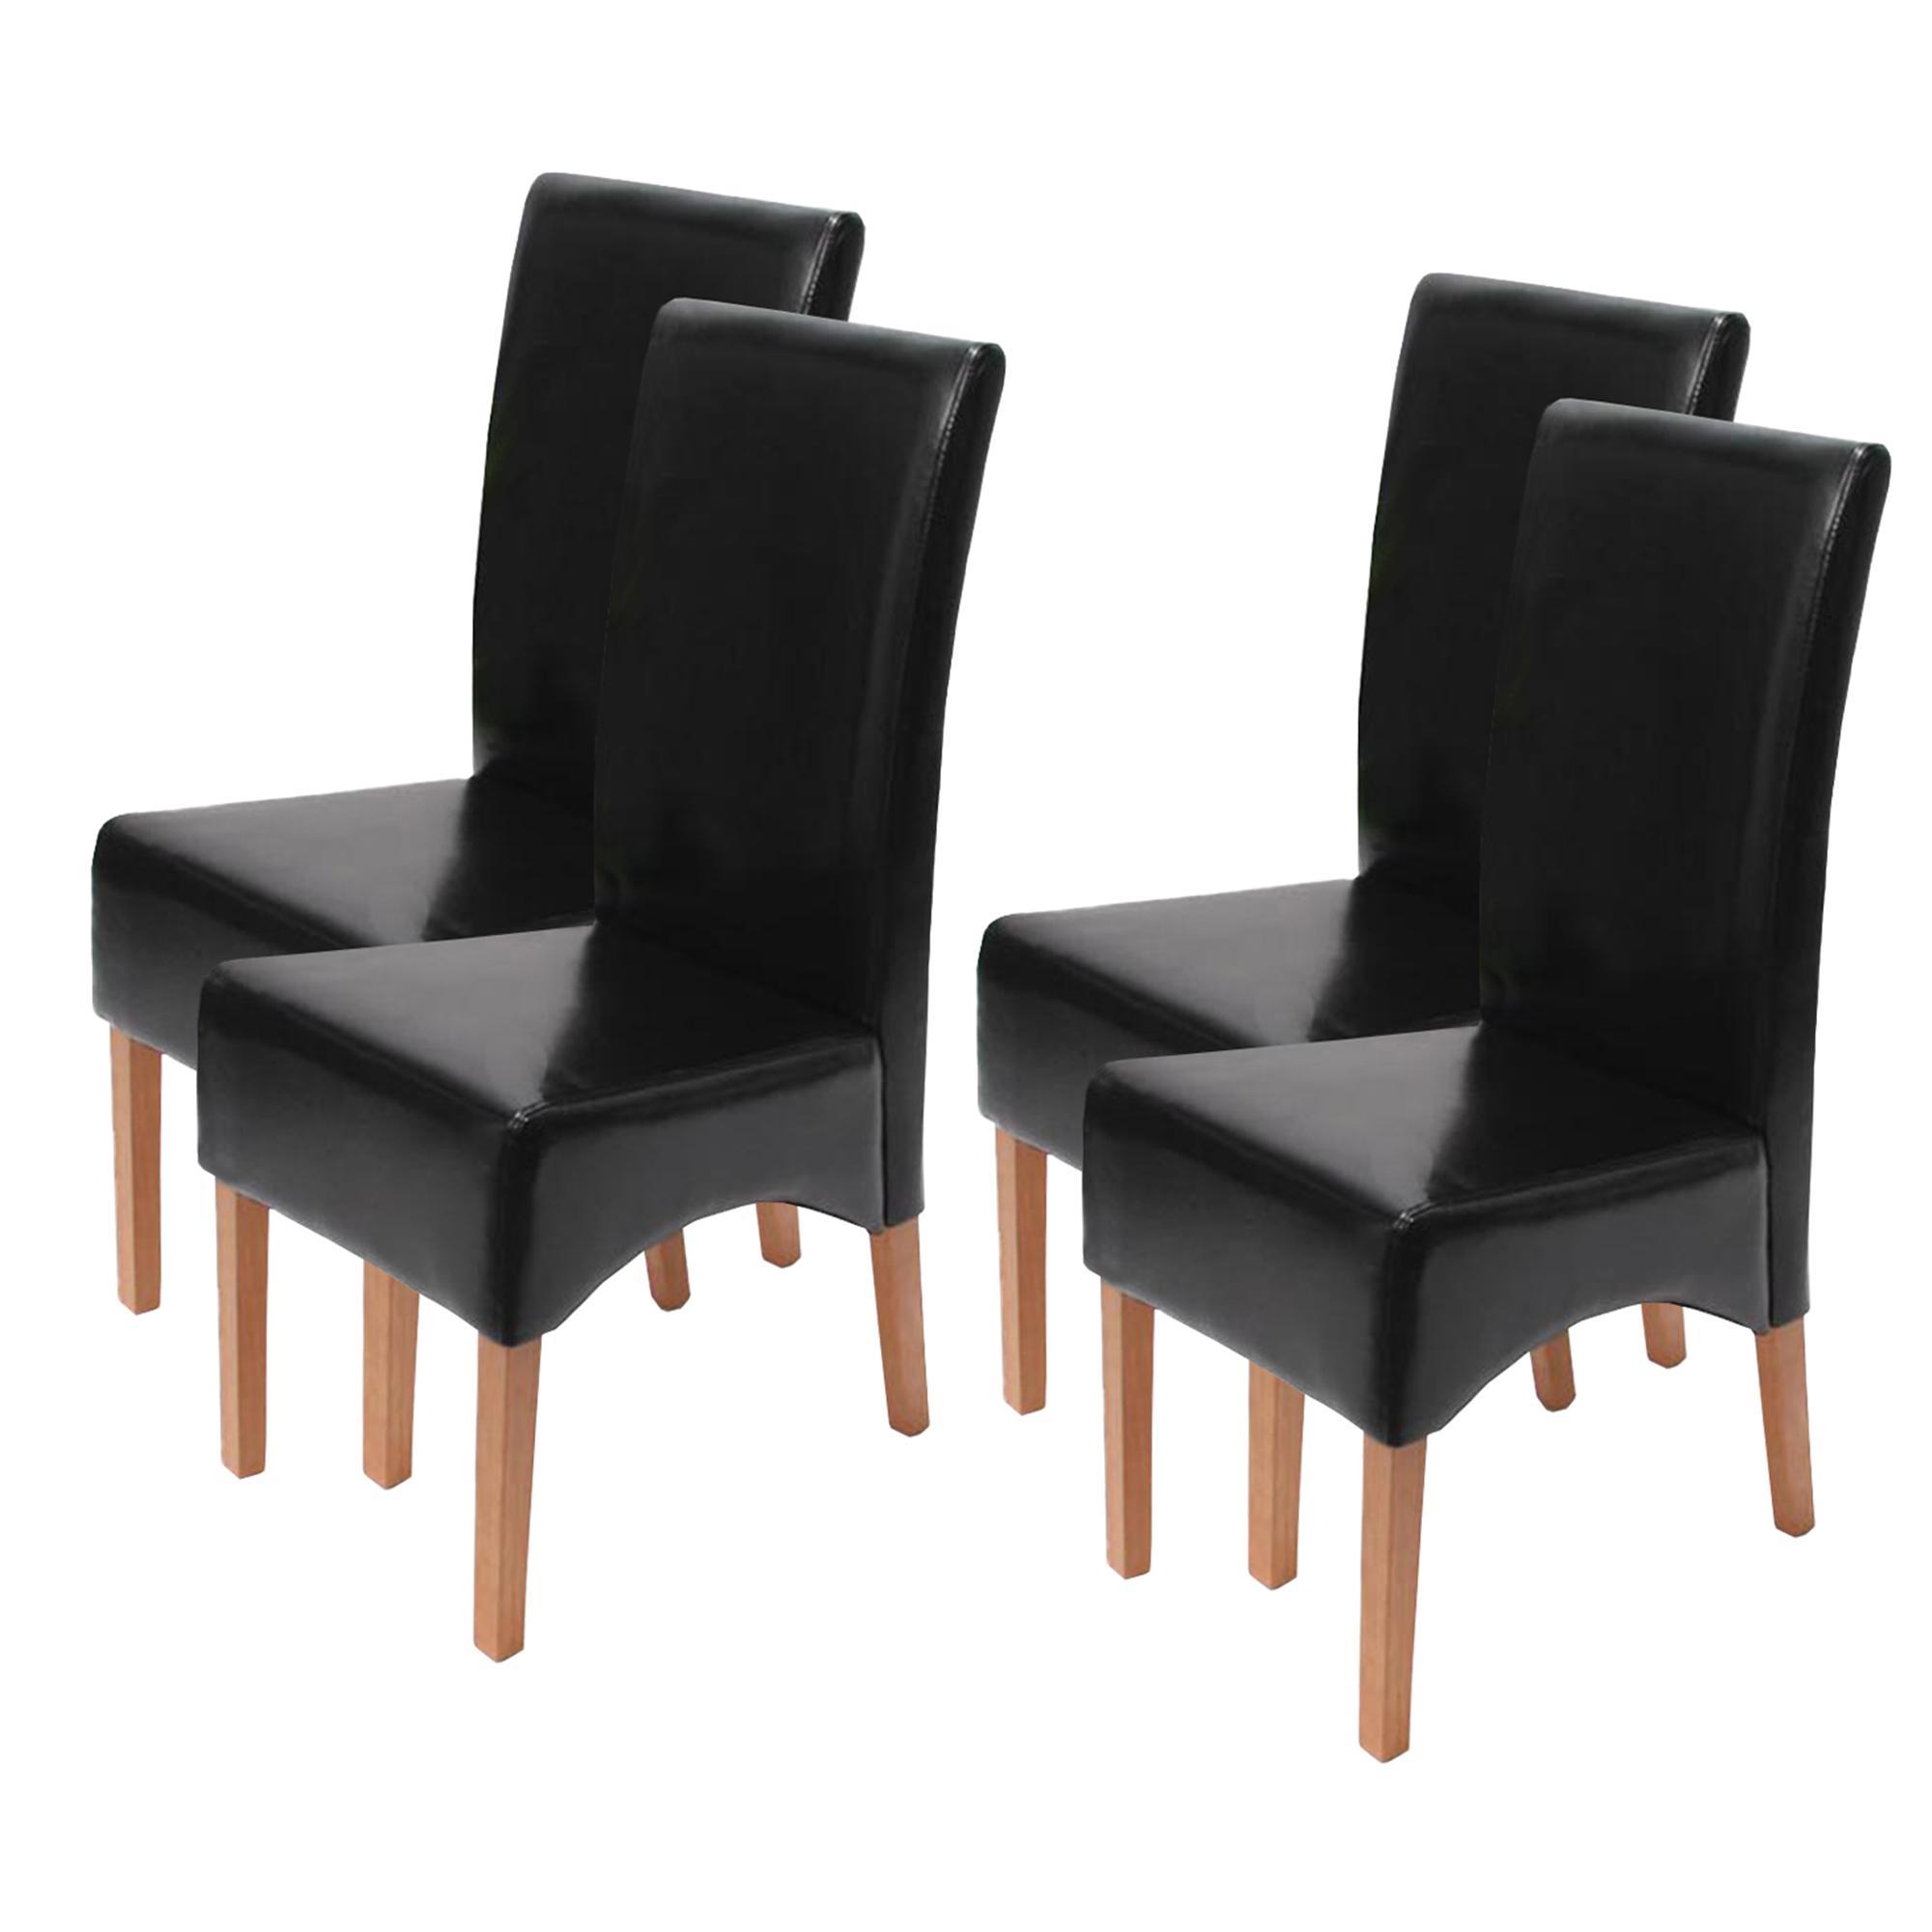 Lote 4 sillas de comedor latina en piel genuina negra y for Sillas en piel para comedor